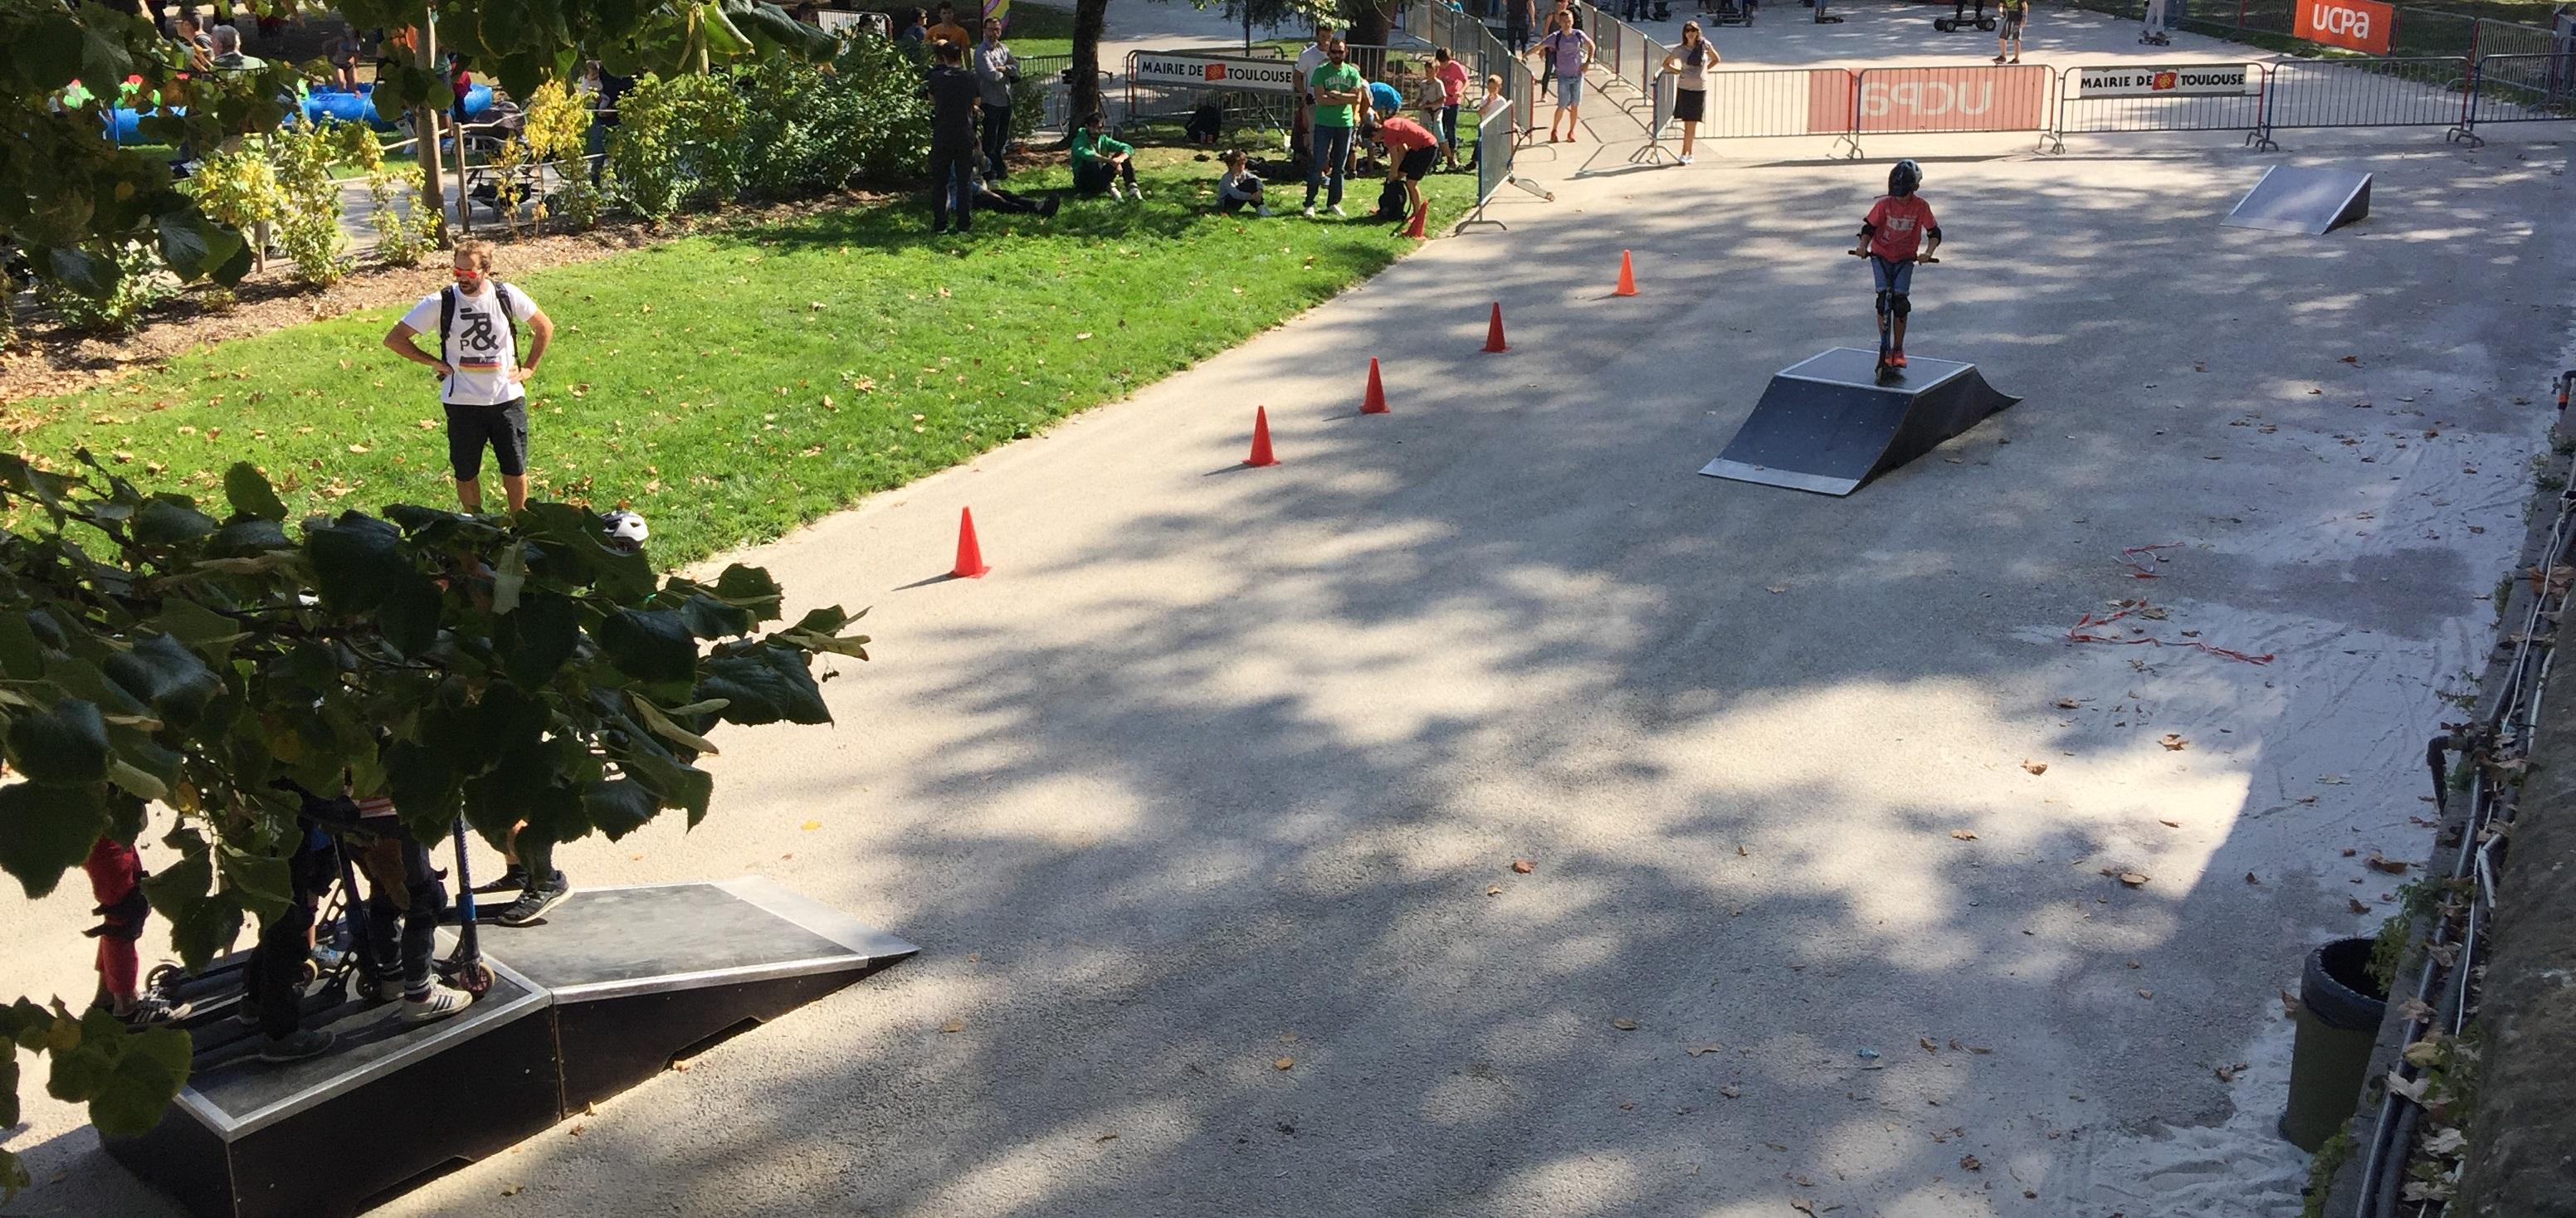 Un skatepark sera installé aux abords de la pelouse Ernest Argelès à l'occasion du match TO vs York - Crédit photo UCPA